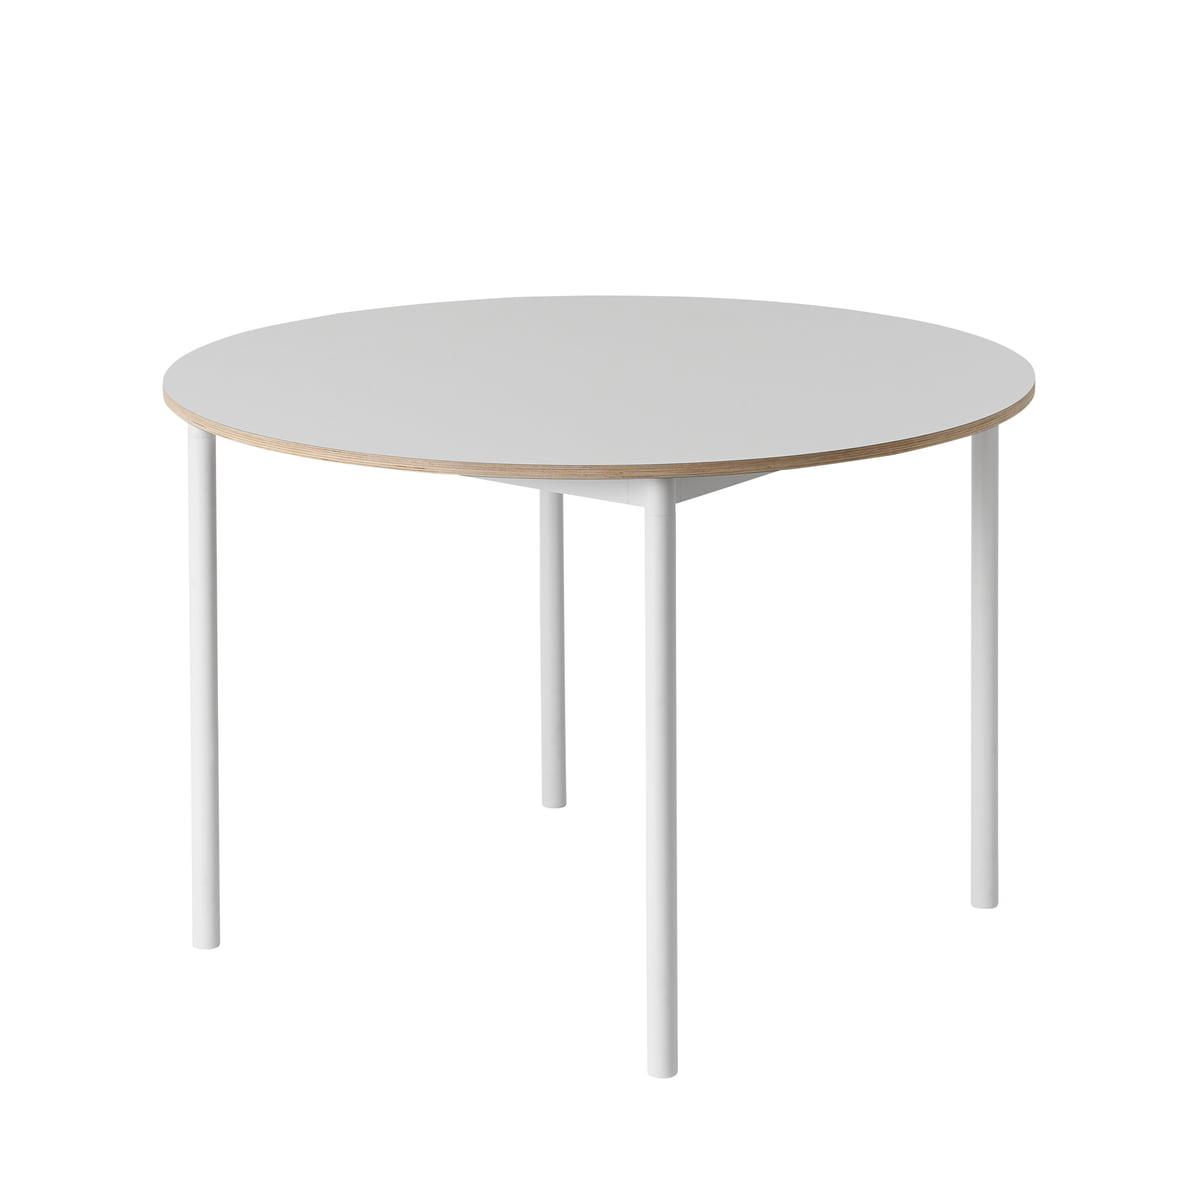 Muuto base table 110 cm weiss sperrholzkante